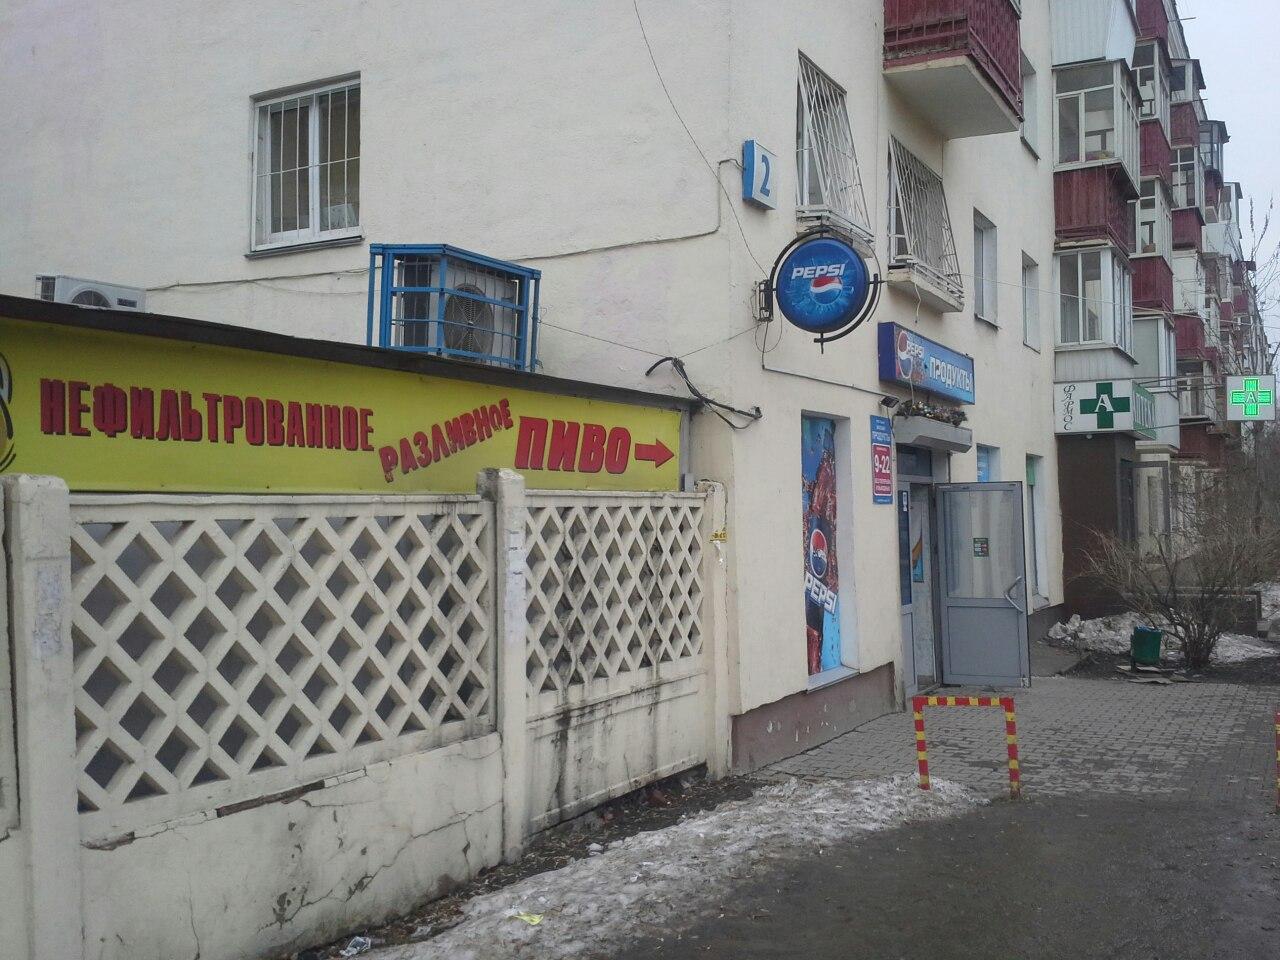 Мутная история: два екатеринбуржца оказались в больнице после нападения мужчины с ножом